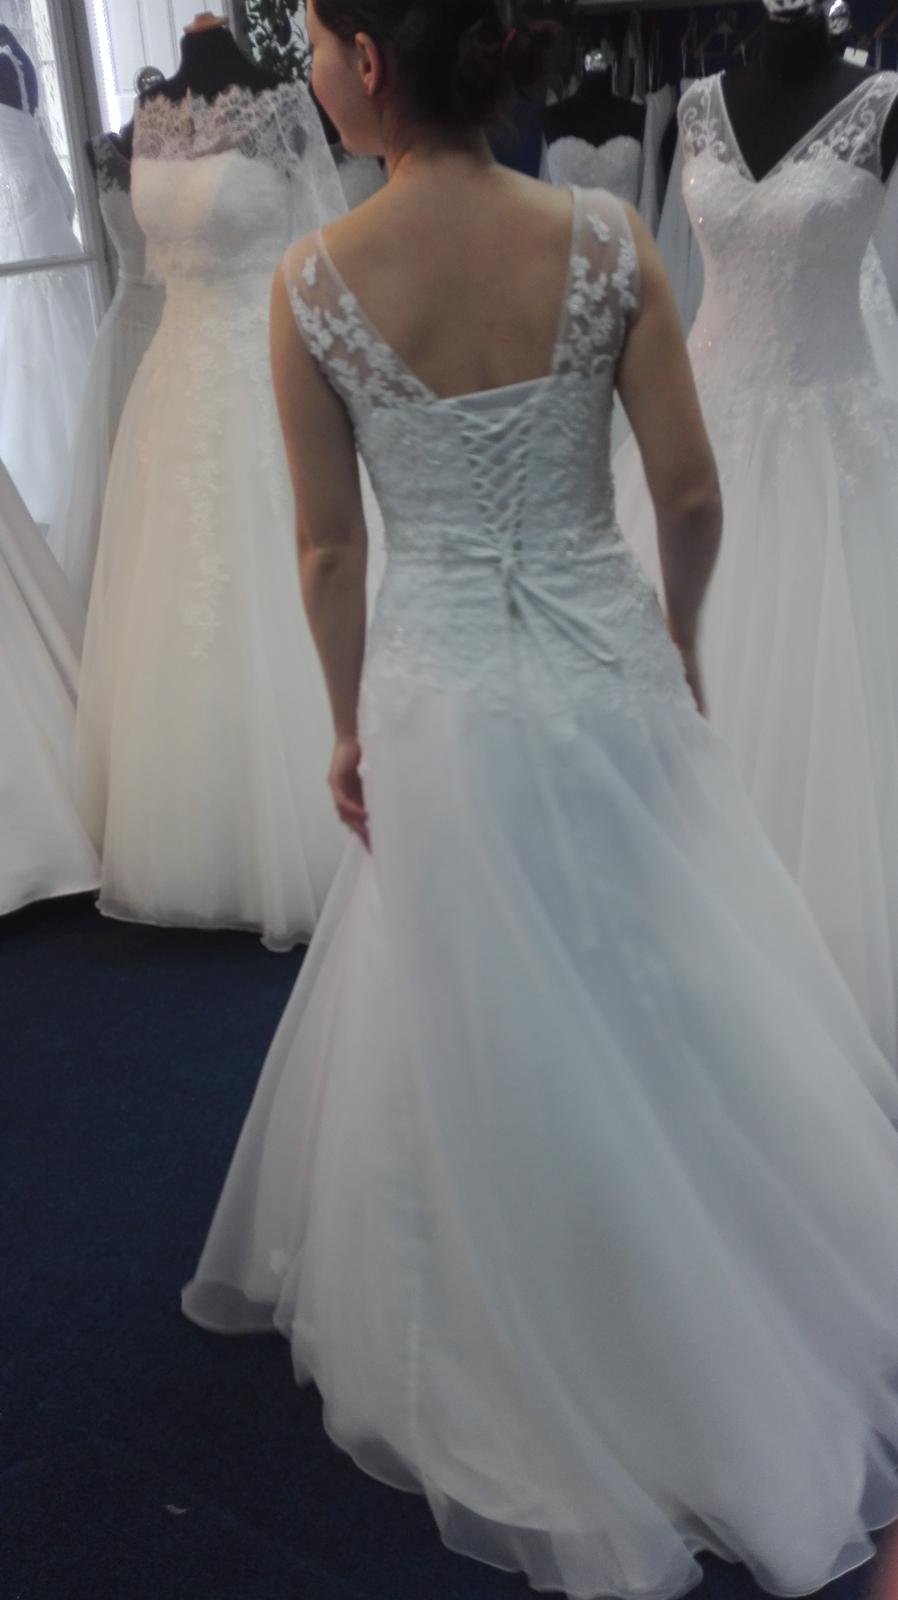 Svatební šaty (cca 36-40) korzetové s krajkou - Obrázek č. 4